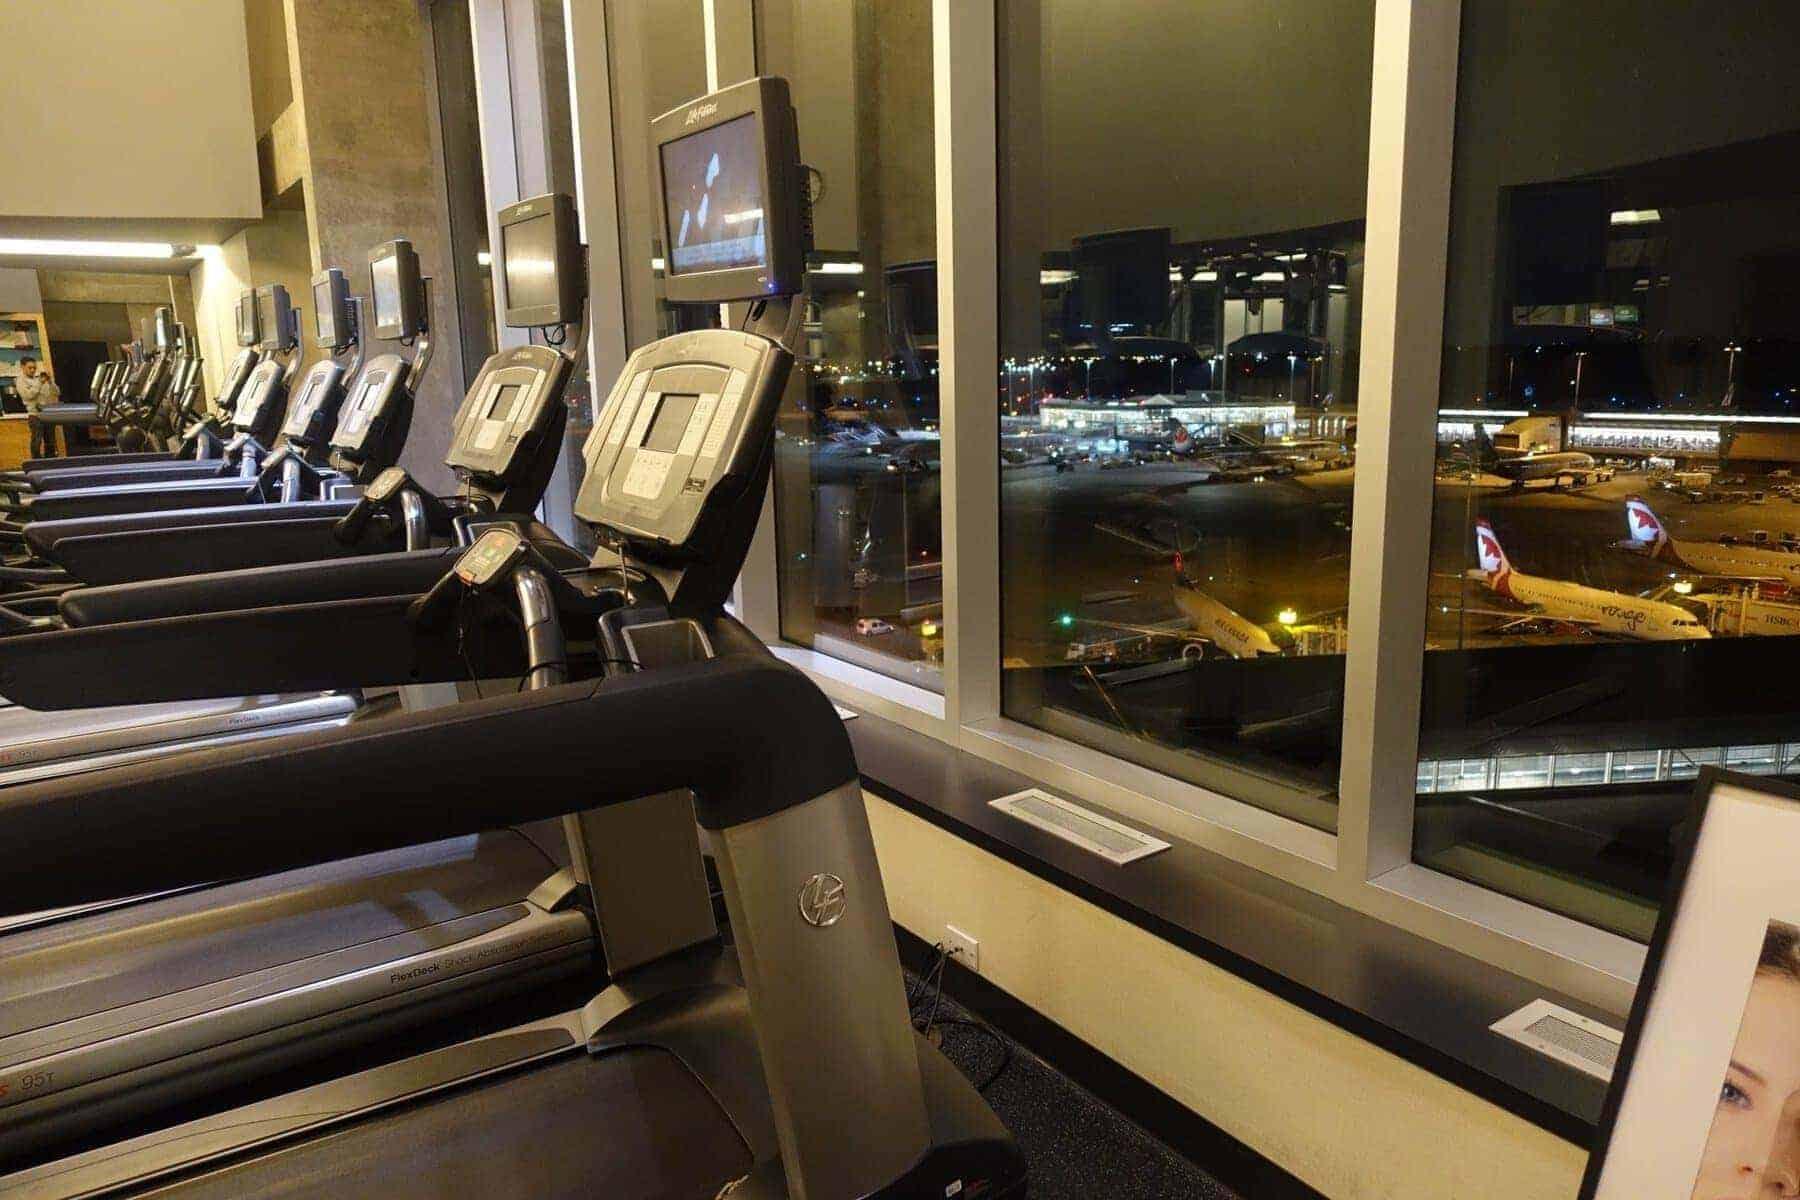 marriott terminal aeroport montreal yul - salle de sport